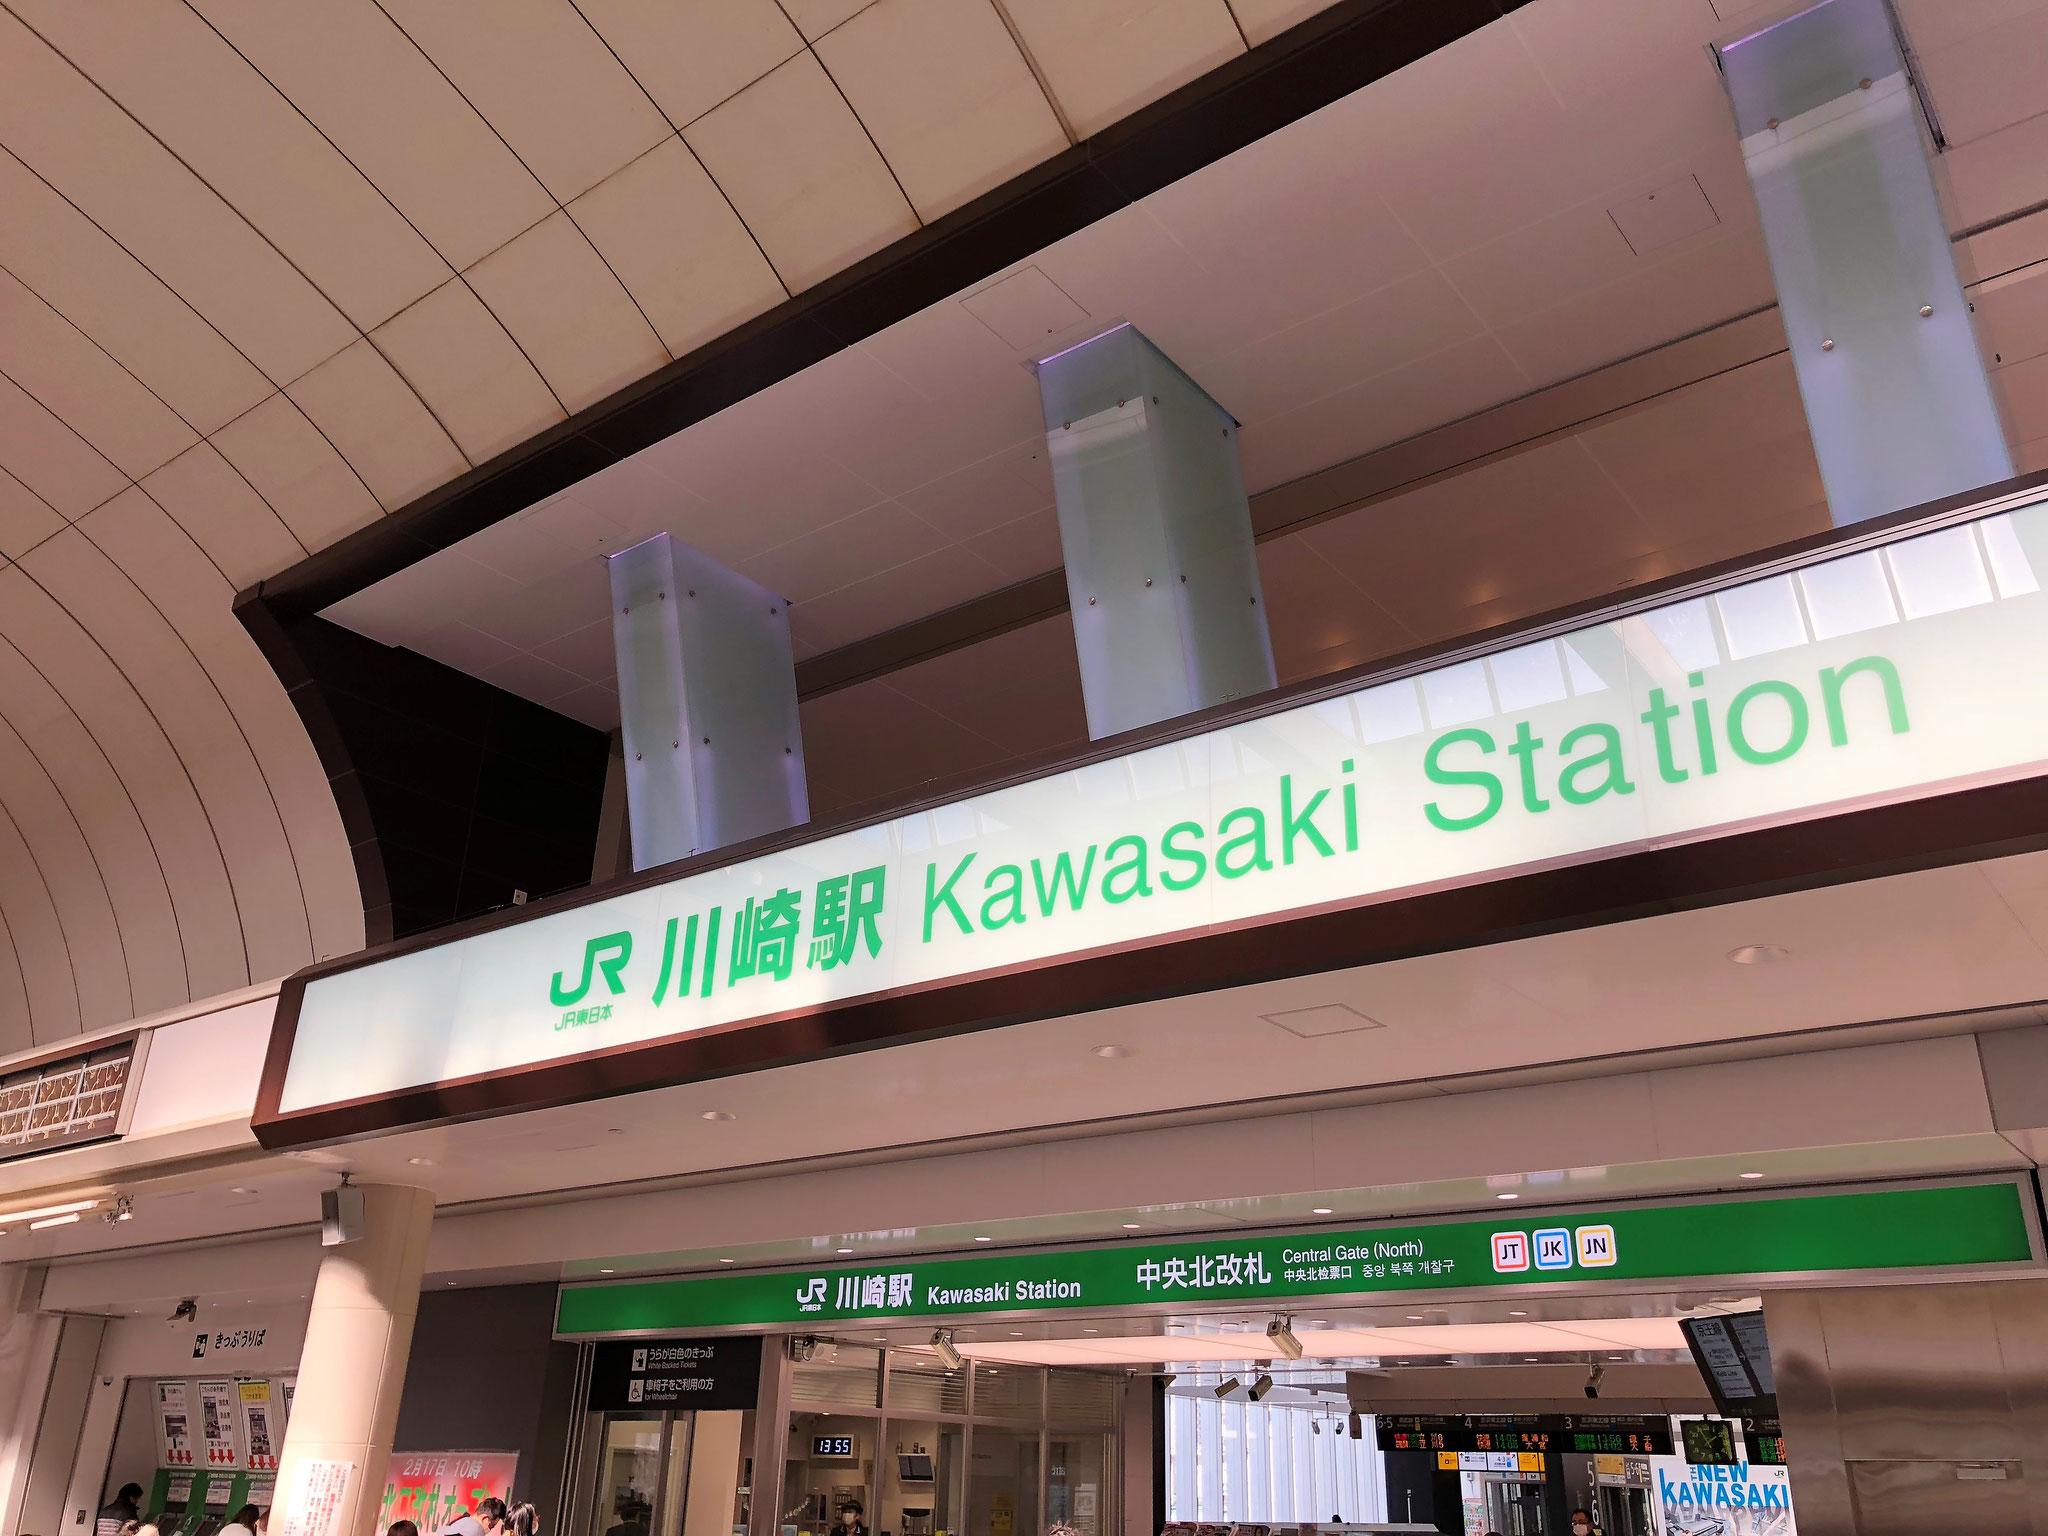 JR川崎駅北口/ 神奈川県川崎市/2018.2.19